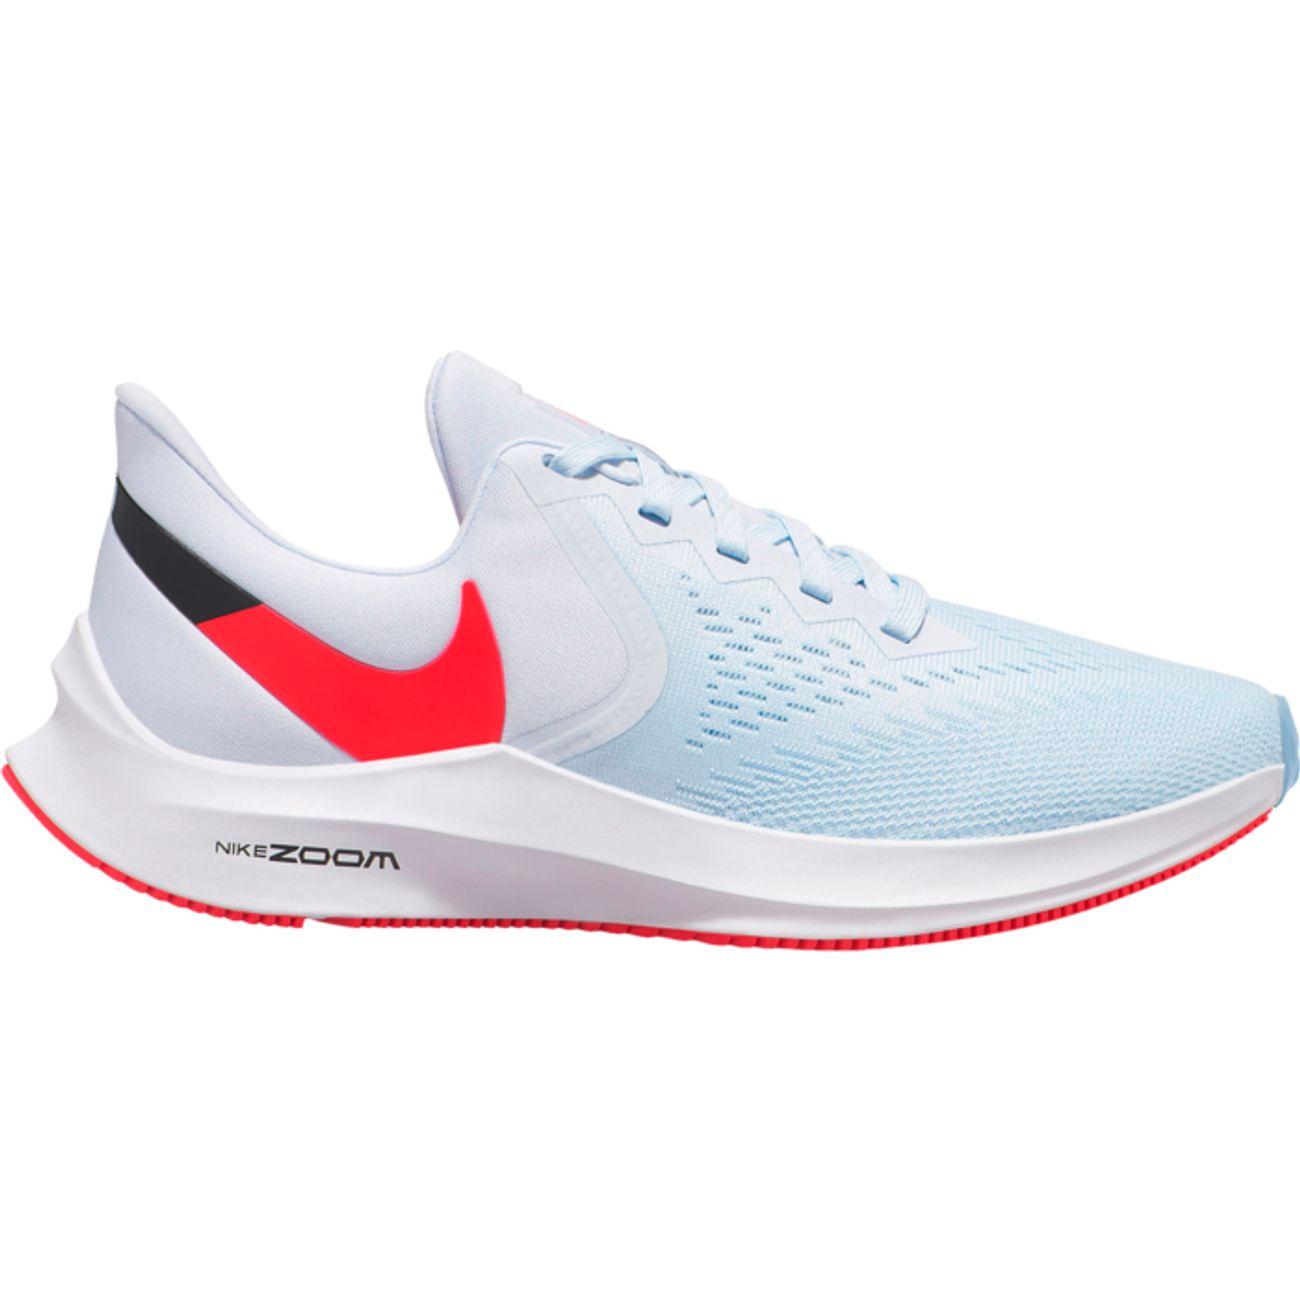 Chaussures, vêtements, accessoires de marque Nike pas cher